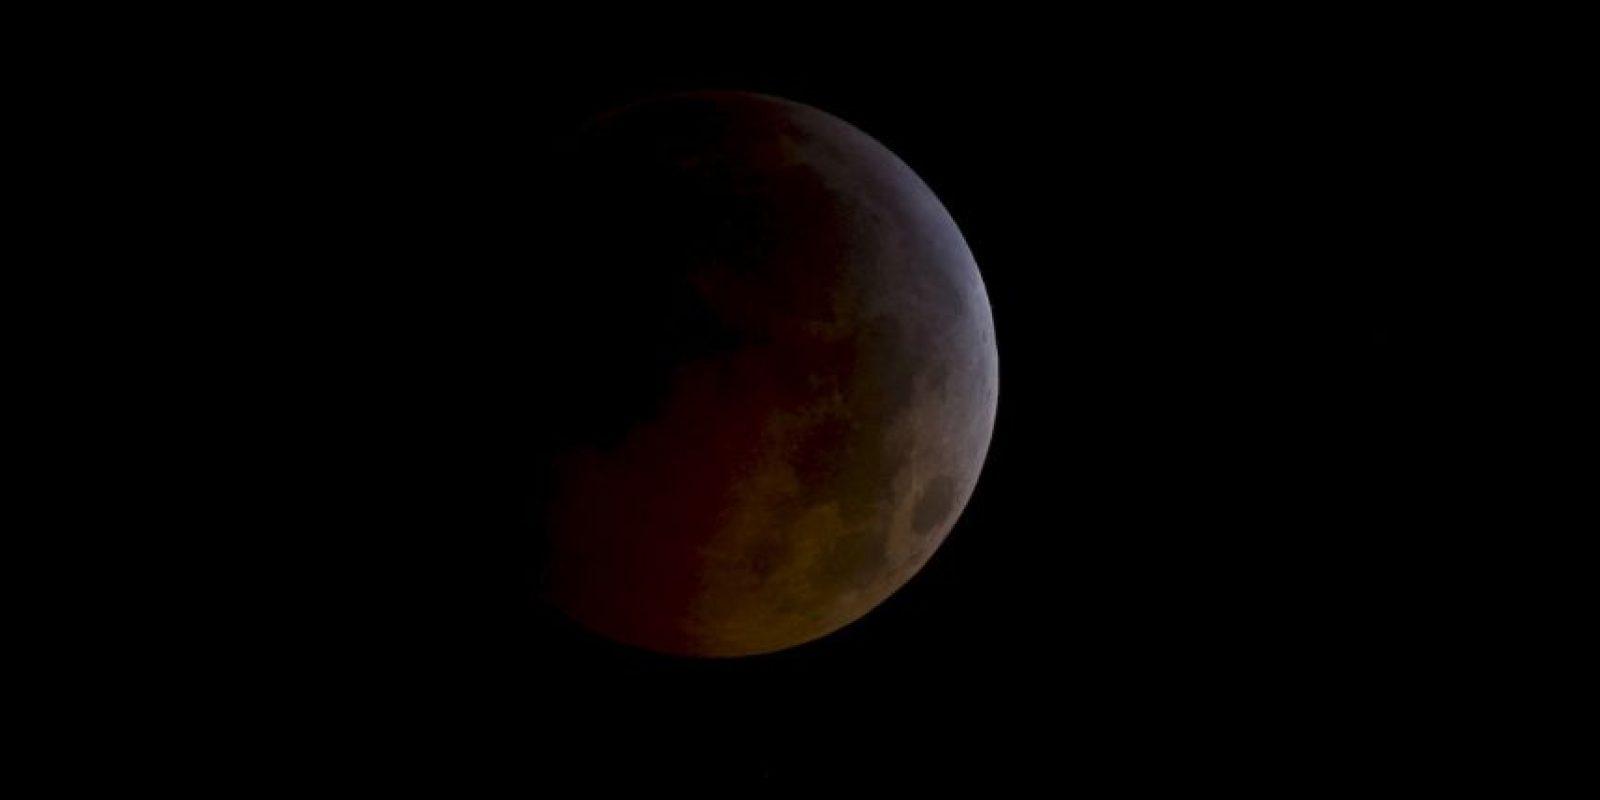 Acercamiento de un eclipse lunar desde el espacio. Foto:Getty